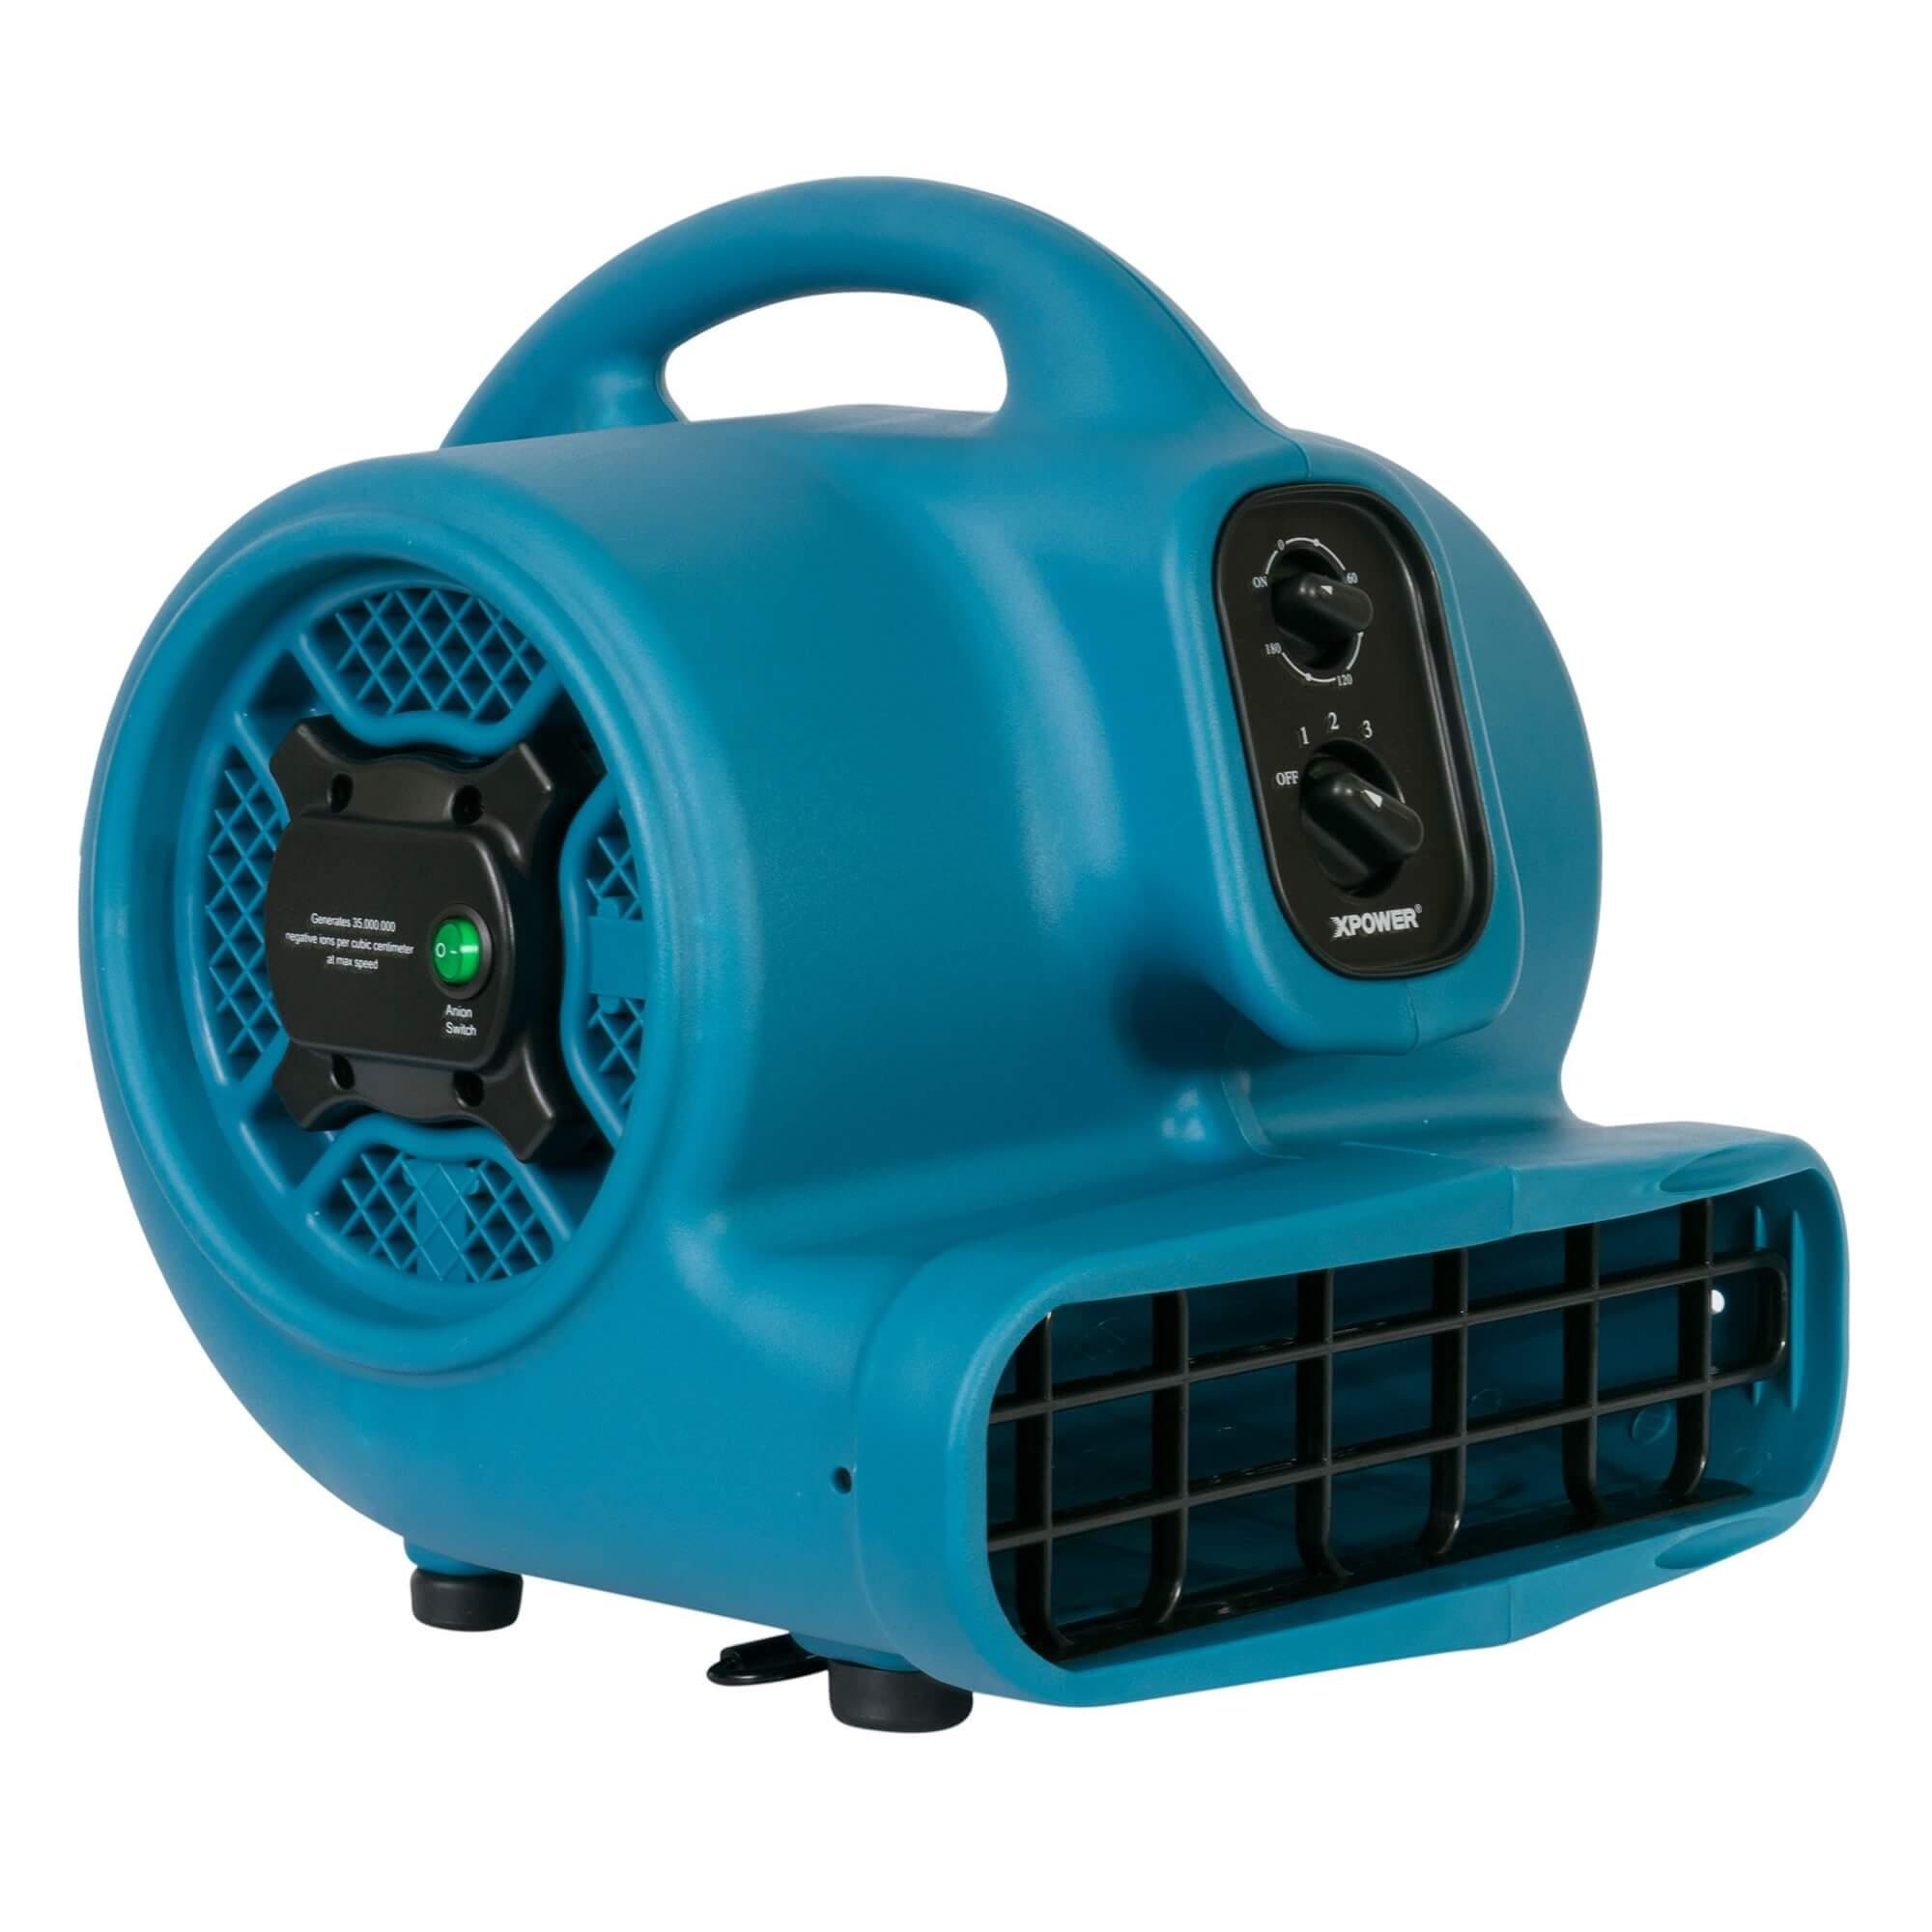 Air Freshener Xpower P 450nt